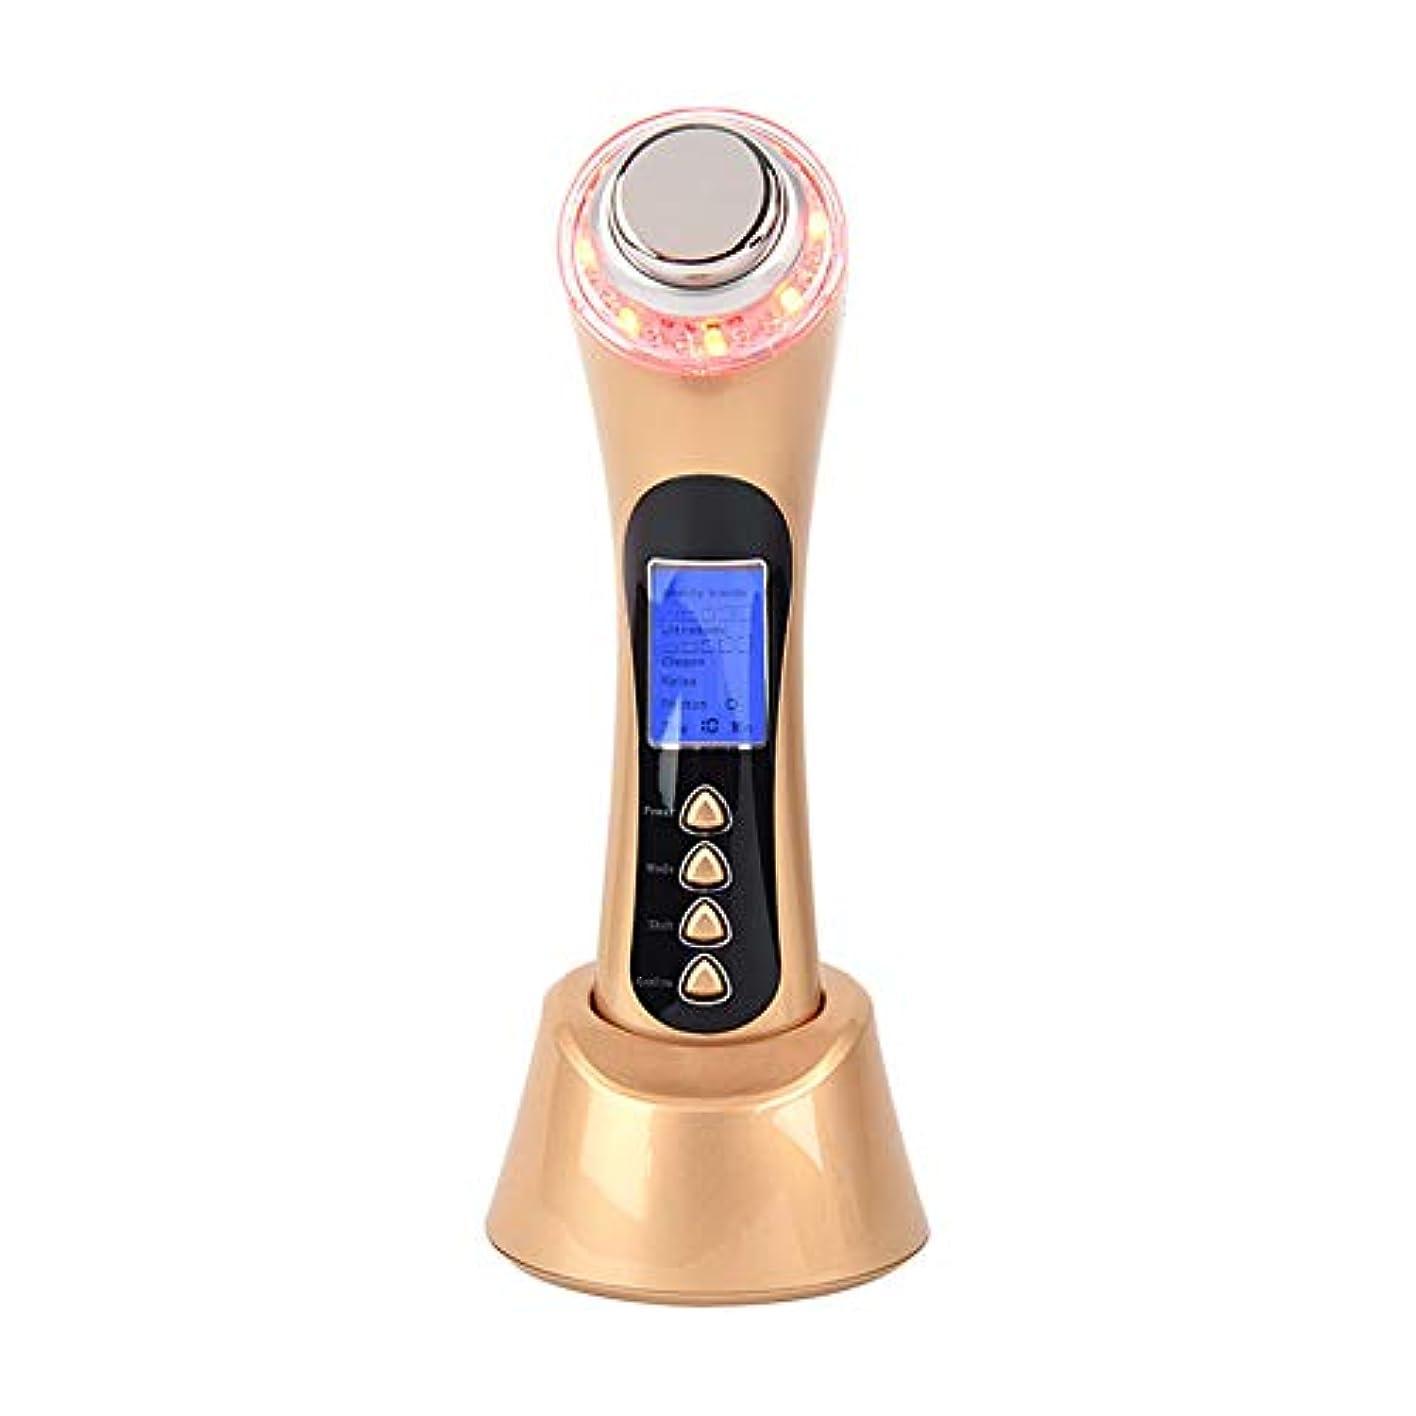 化学トレード魅力的フェイシャルマッサージャー5-in-1イオンクリーナーと赤/青/緑LED光線療法装置により、にきび/にきびのインポート栄養反しわ復活USB充電式